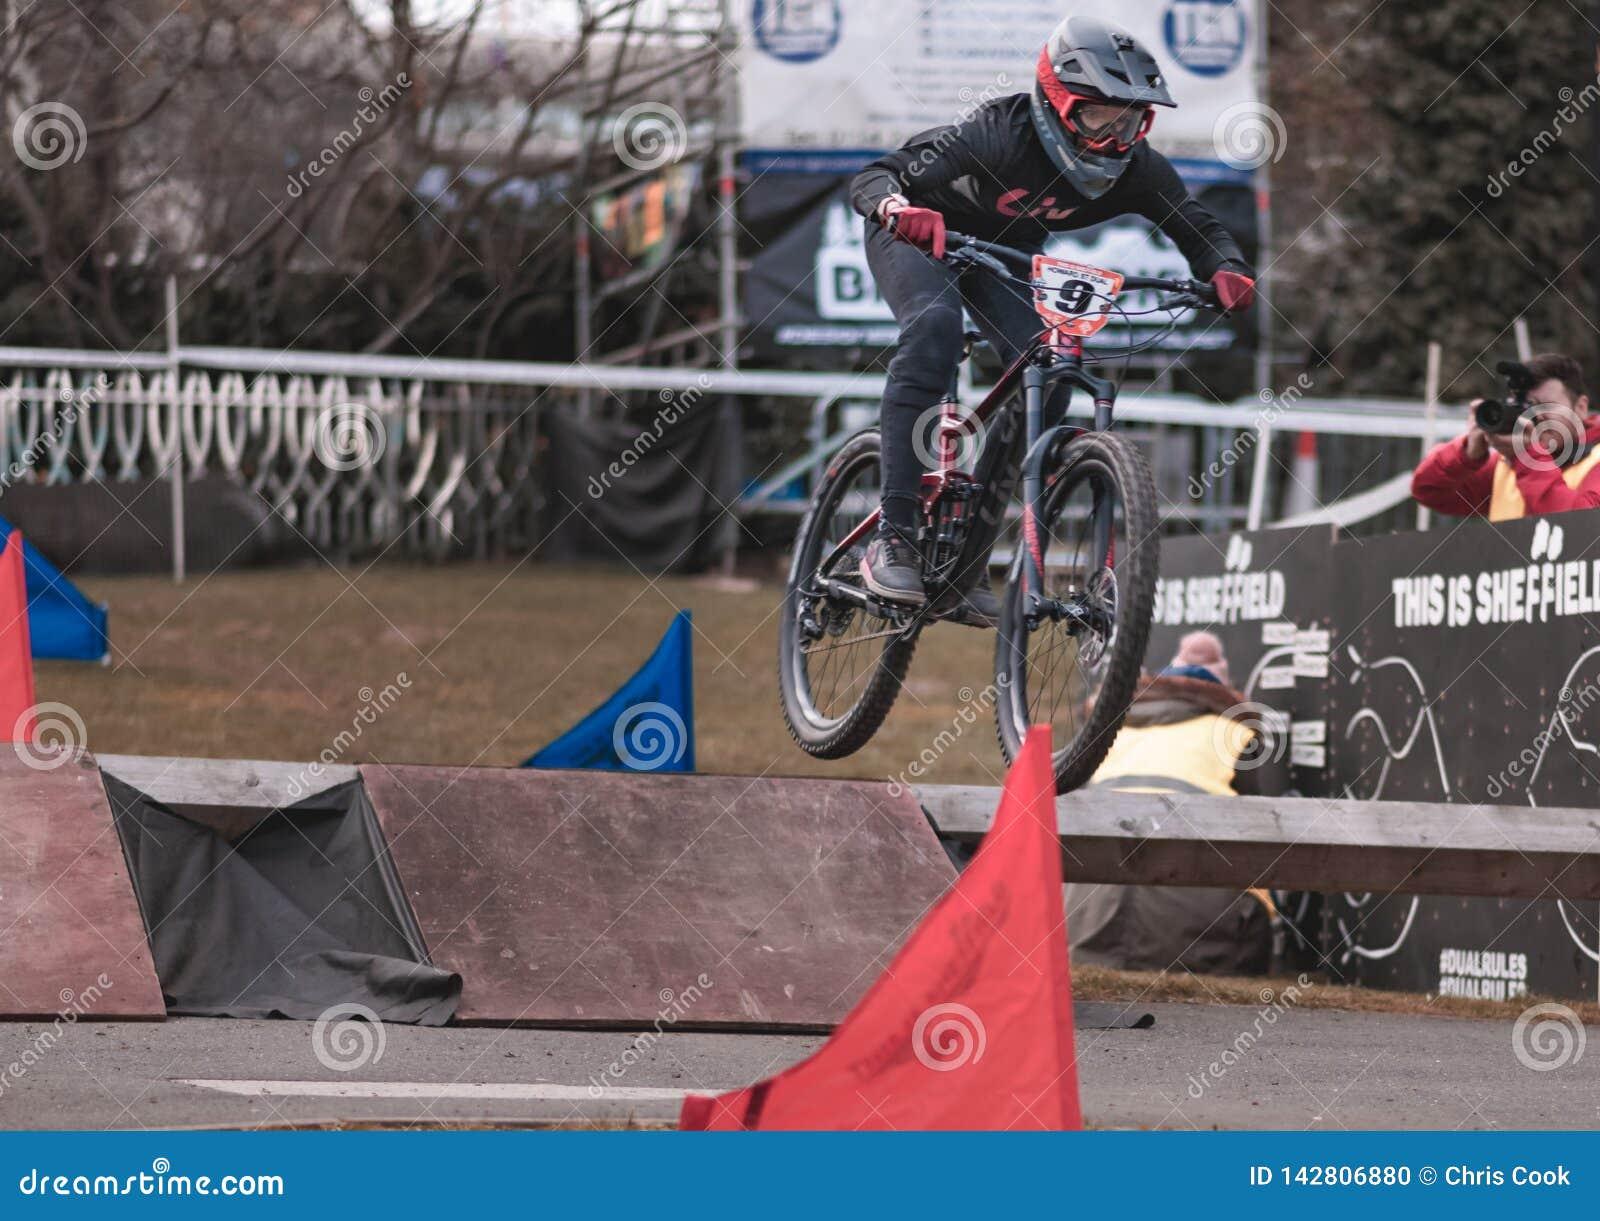 Riders take part in Sheffields Howard Street Dual - 2019